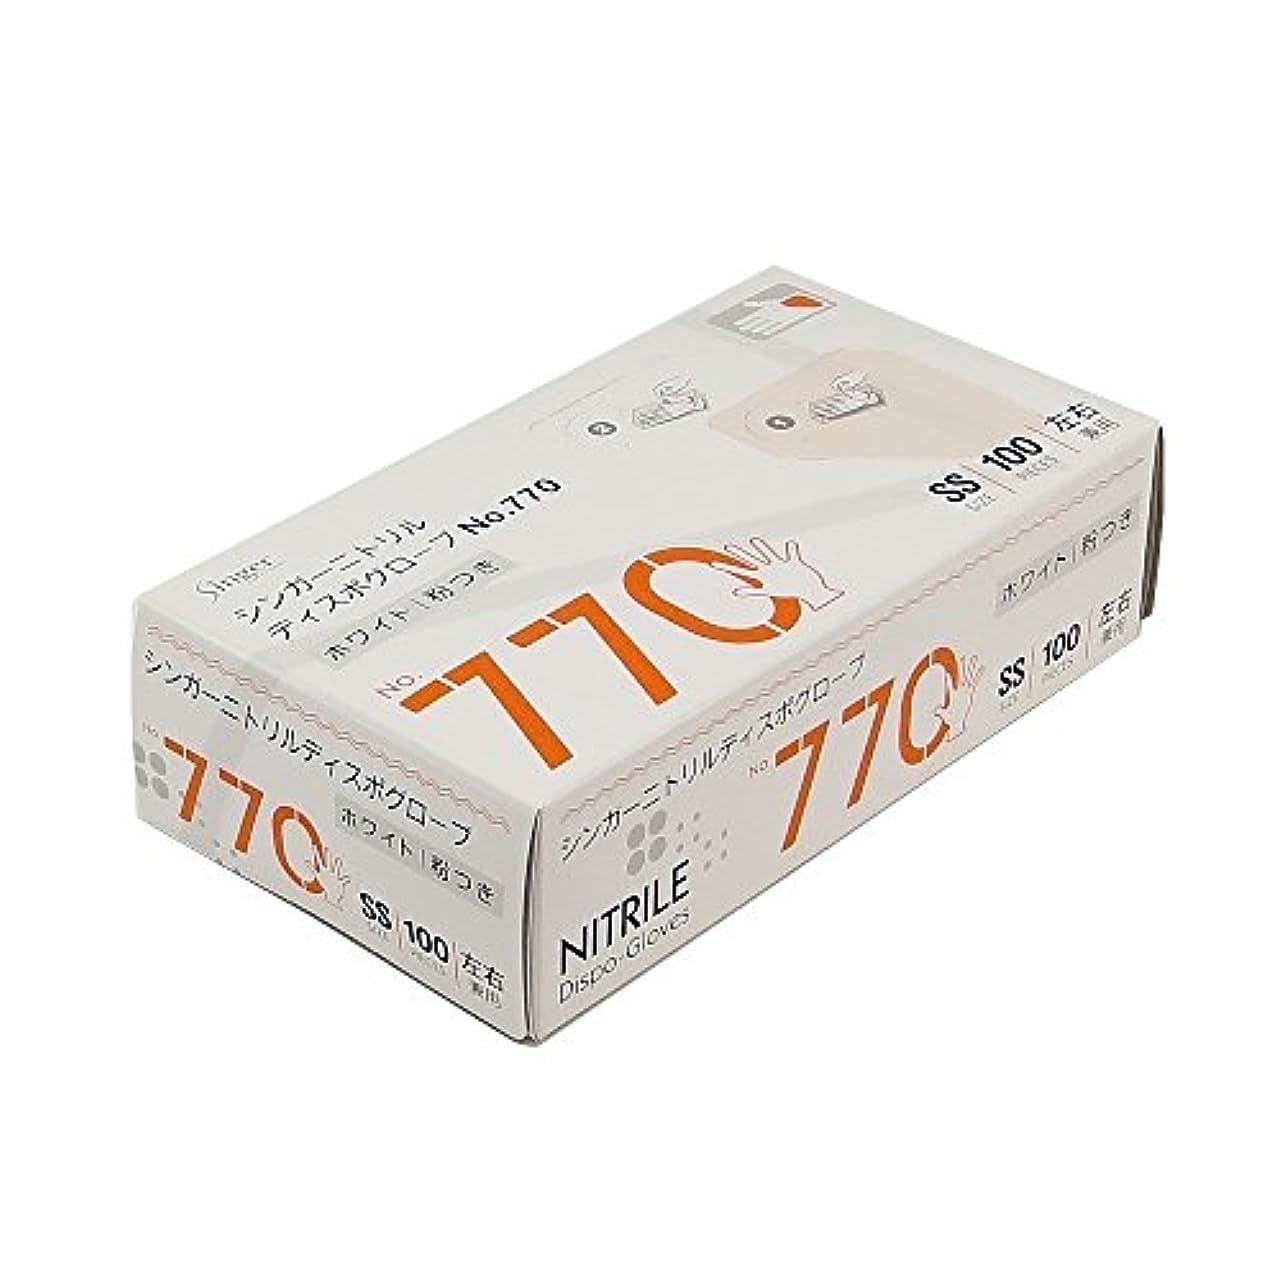 バレーボール会員速記宇都宮製作 ディスポ手袋 シンガーニトリルディスポグローブ No.770 ホワイト 粉付 100枚入  SS